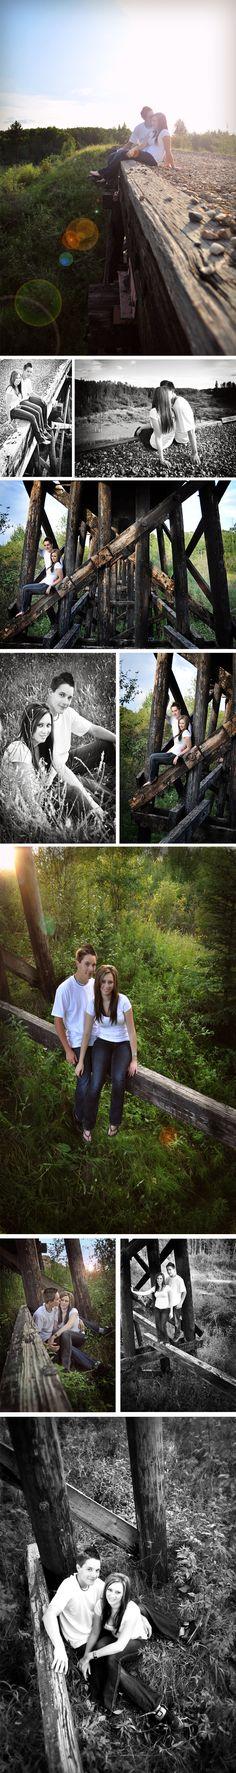 Wedding Country Photography Couple Photos Ideas For 2019 Photography Themes, Couple Photography, Country Couples, Cute Couple Pictures, Couple Shoot, Engagement Couple, Wedding Couples, Picture Ideas, Photo Ideas